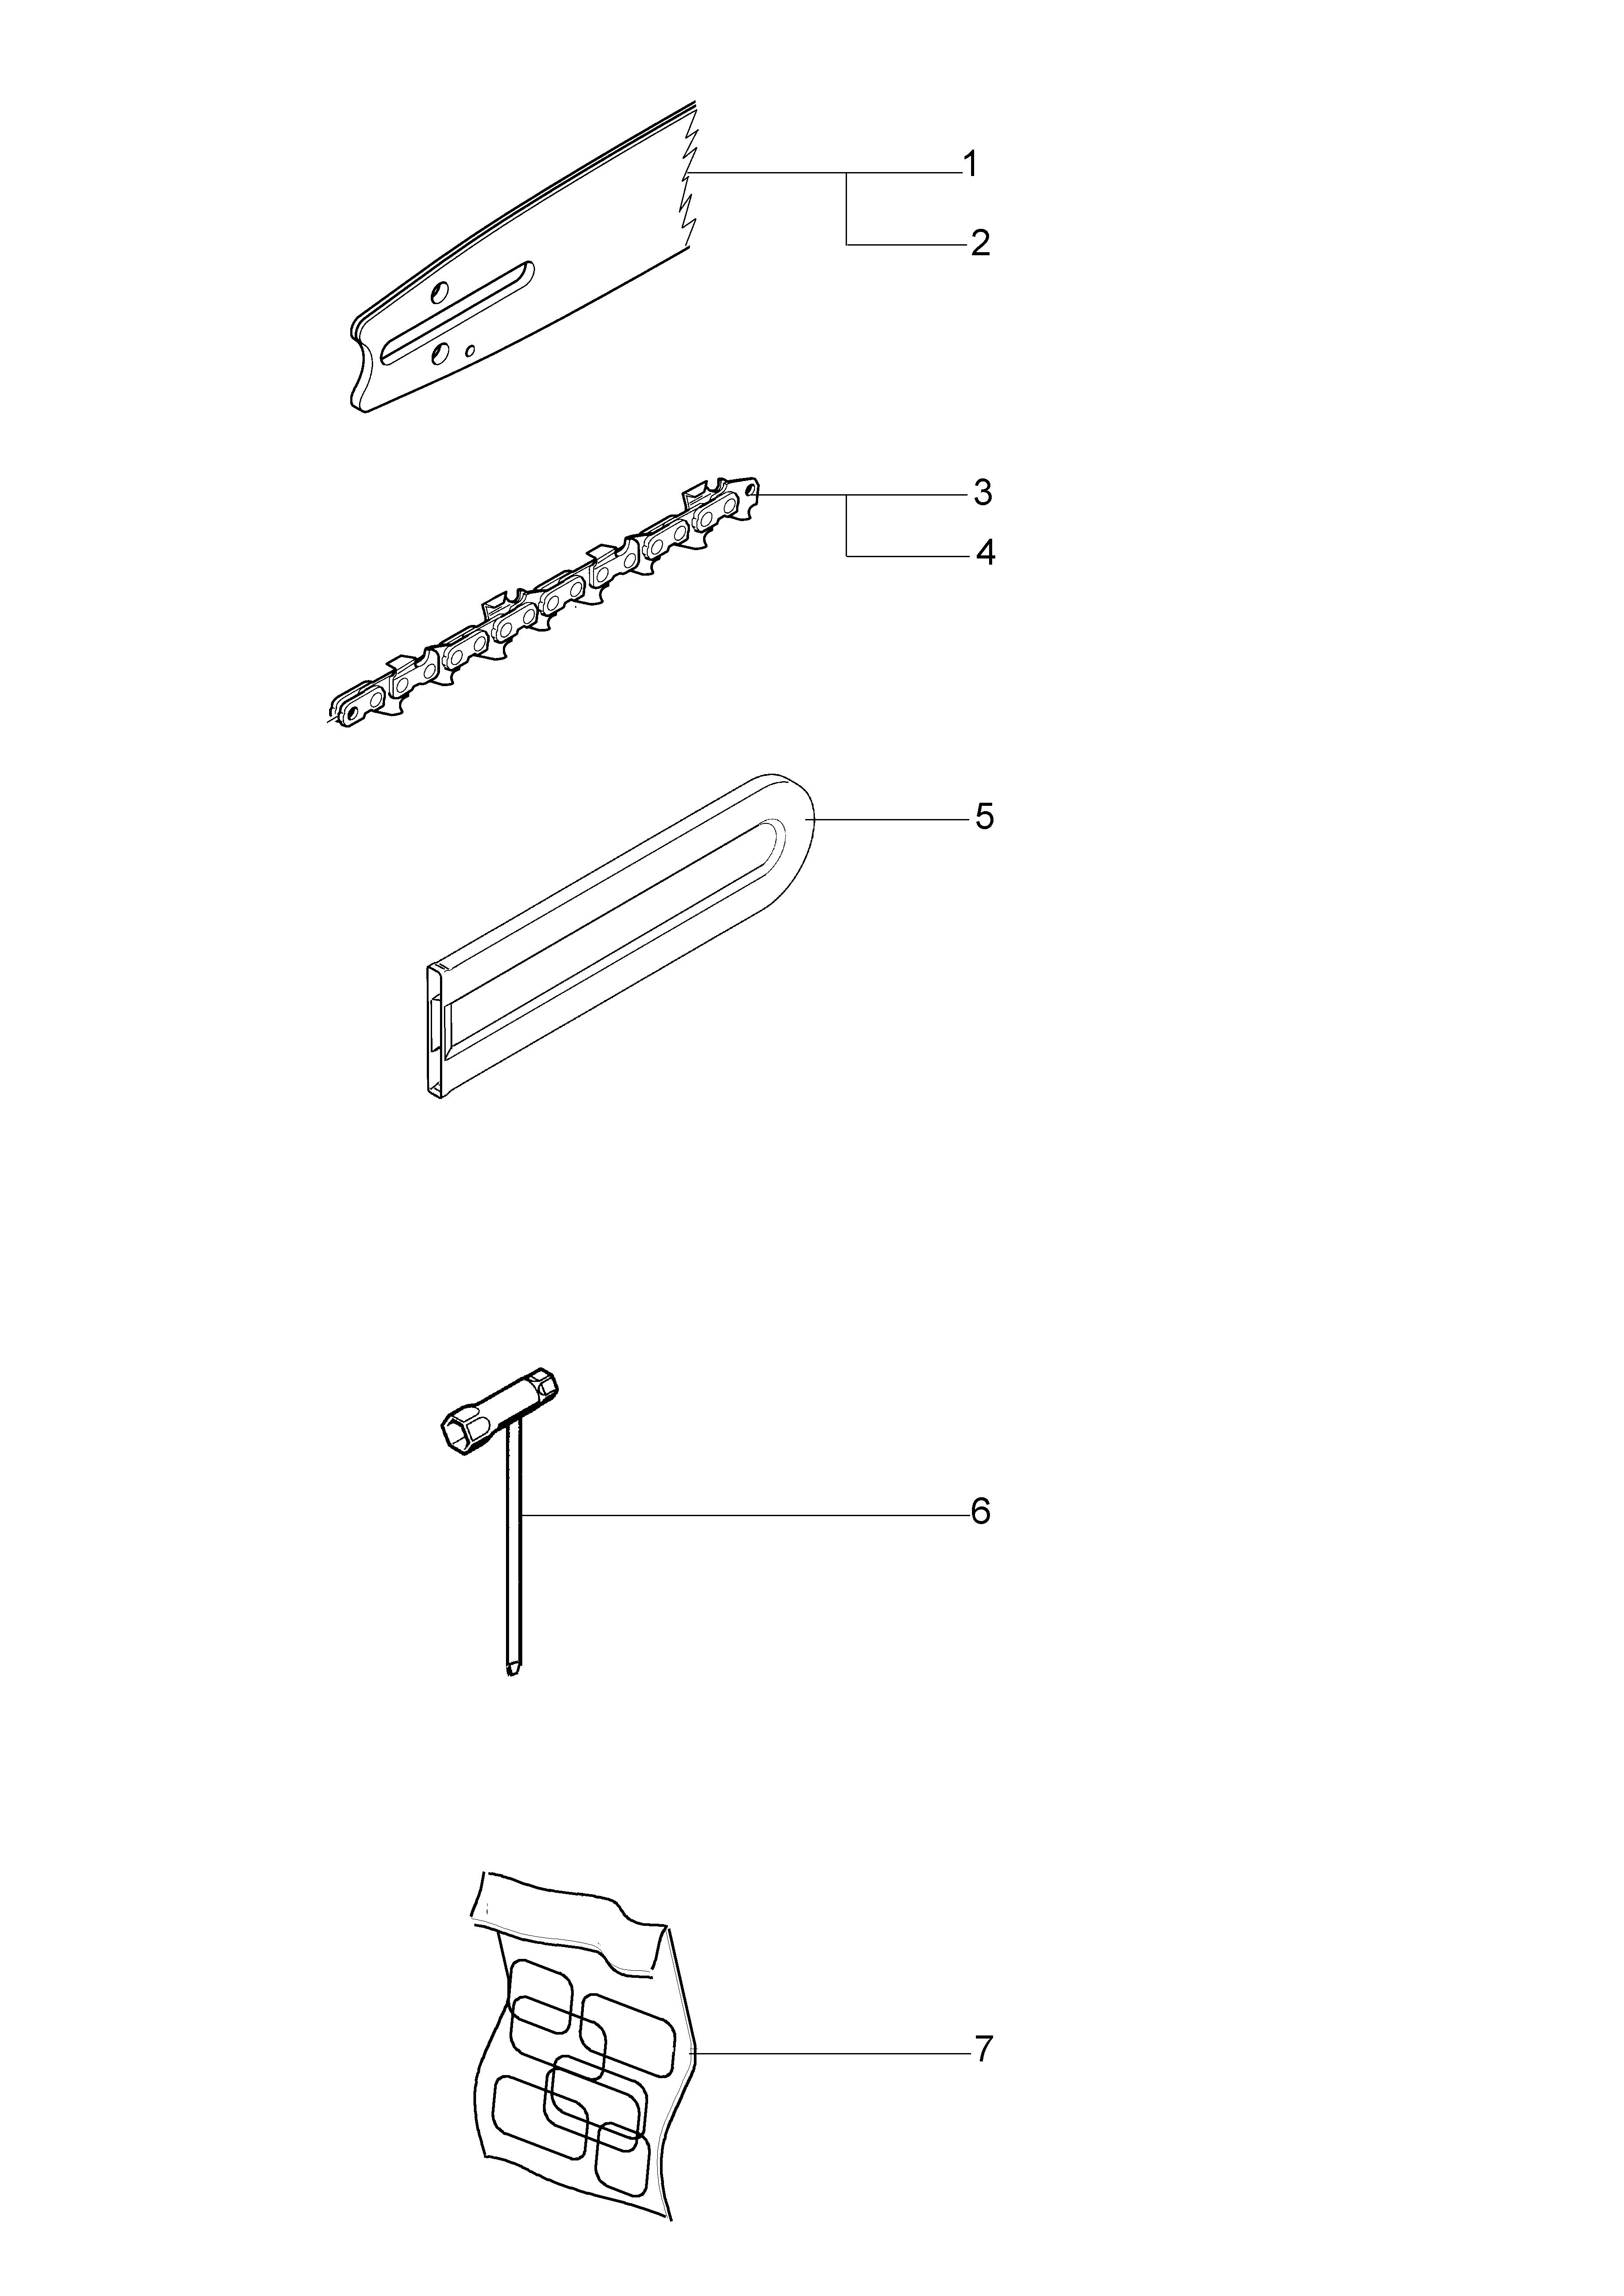 OM 1800 E oleomac Dessins pièces vue éclatée Accessoires